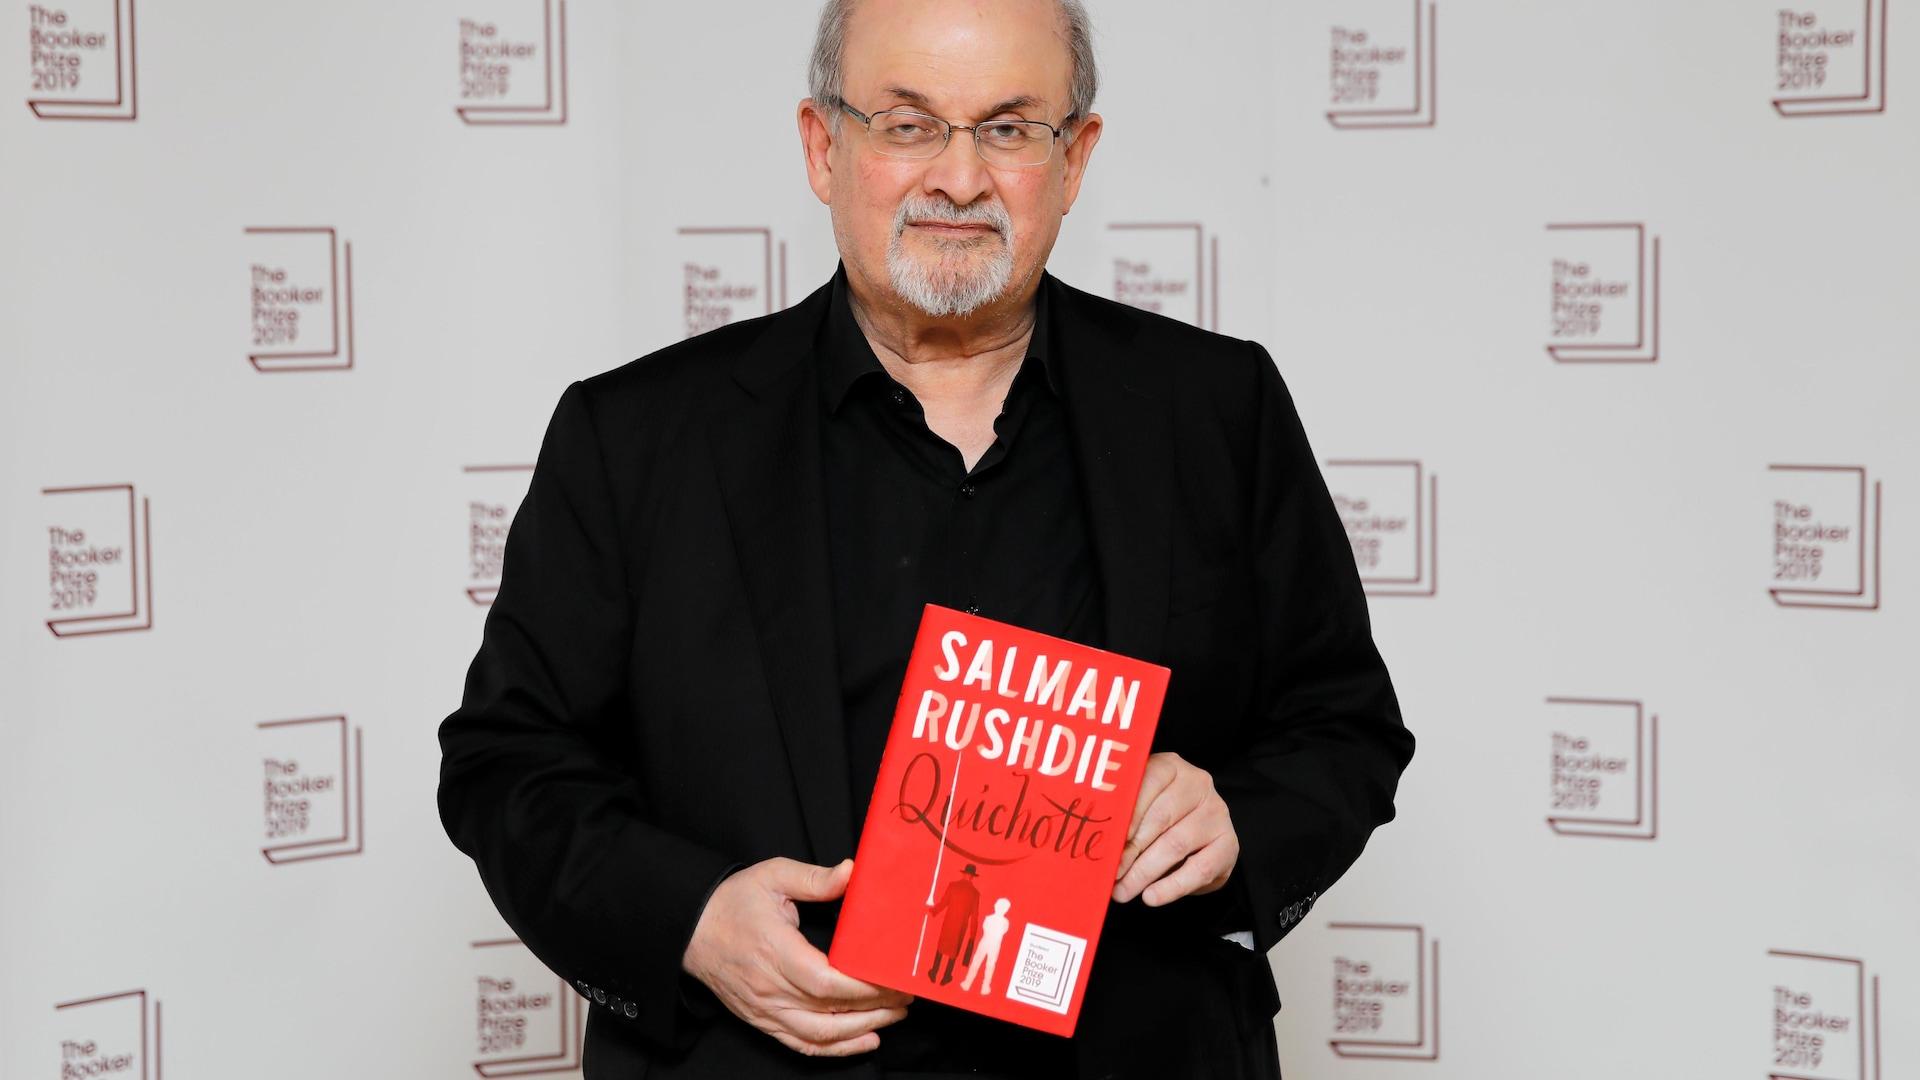 L'auteur pose avec son livre.